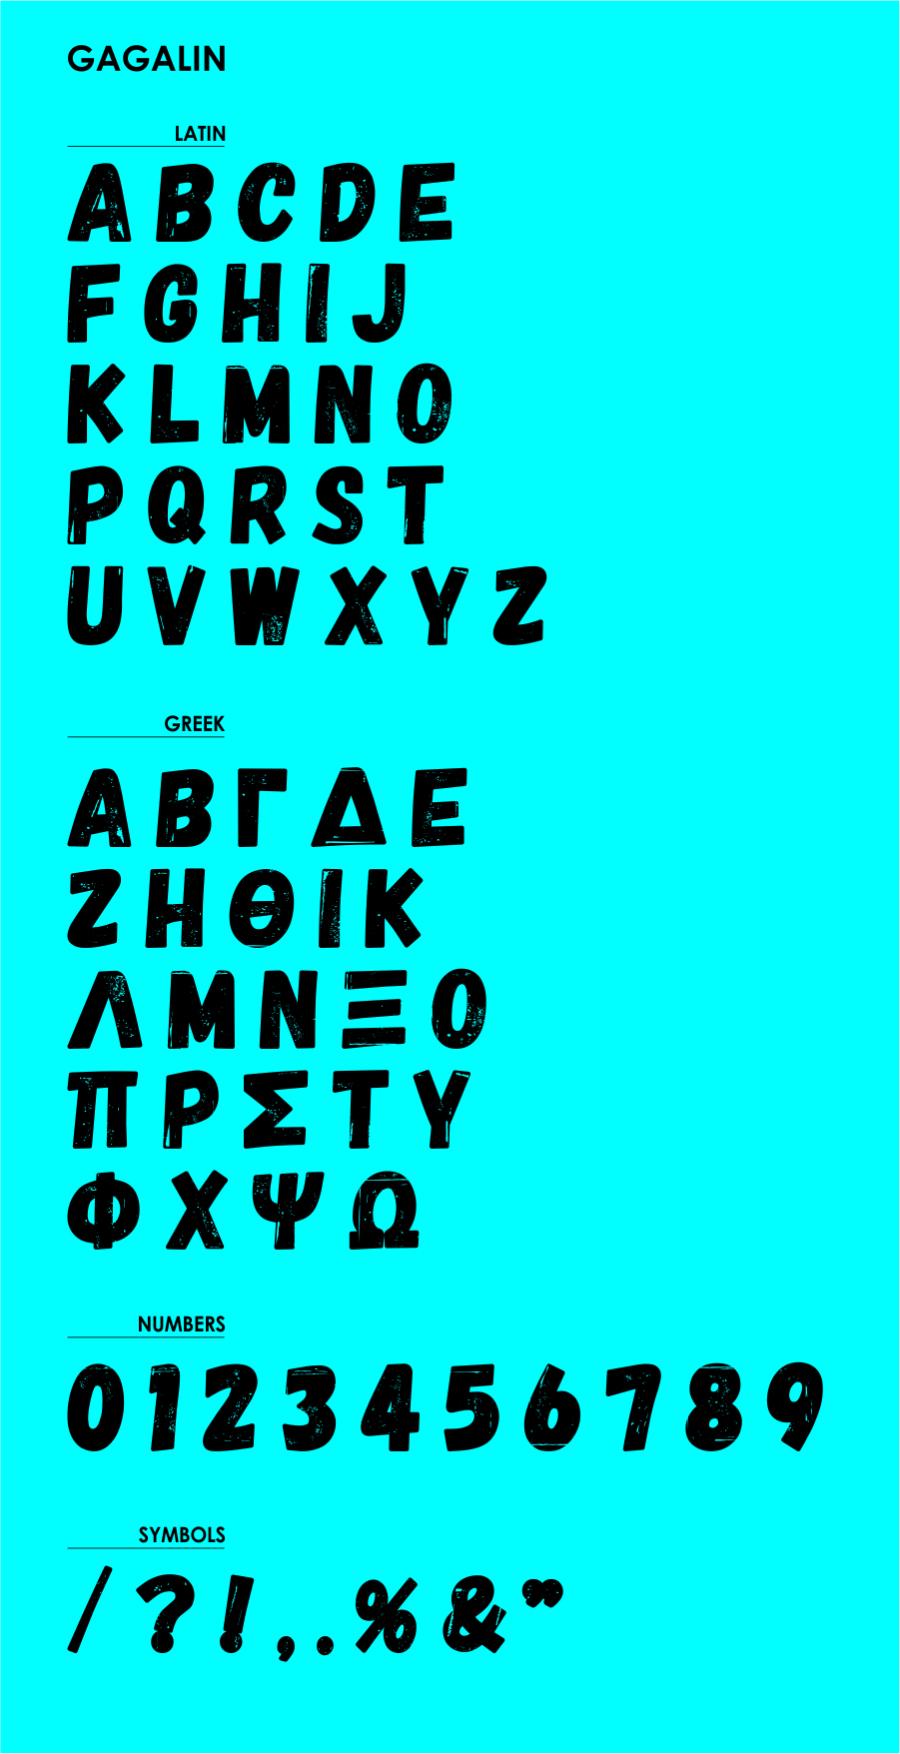 Gagalin – Free Font 9